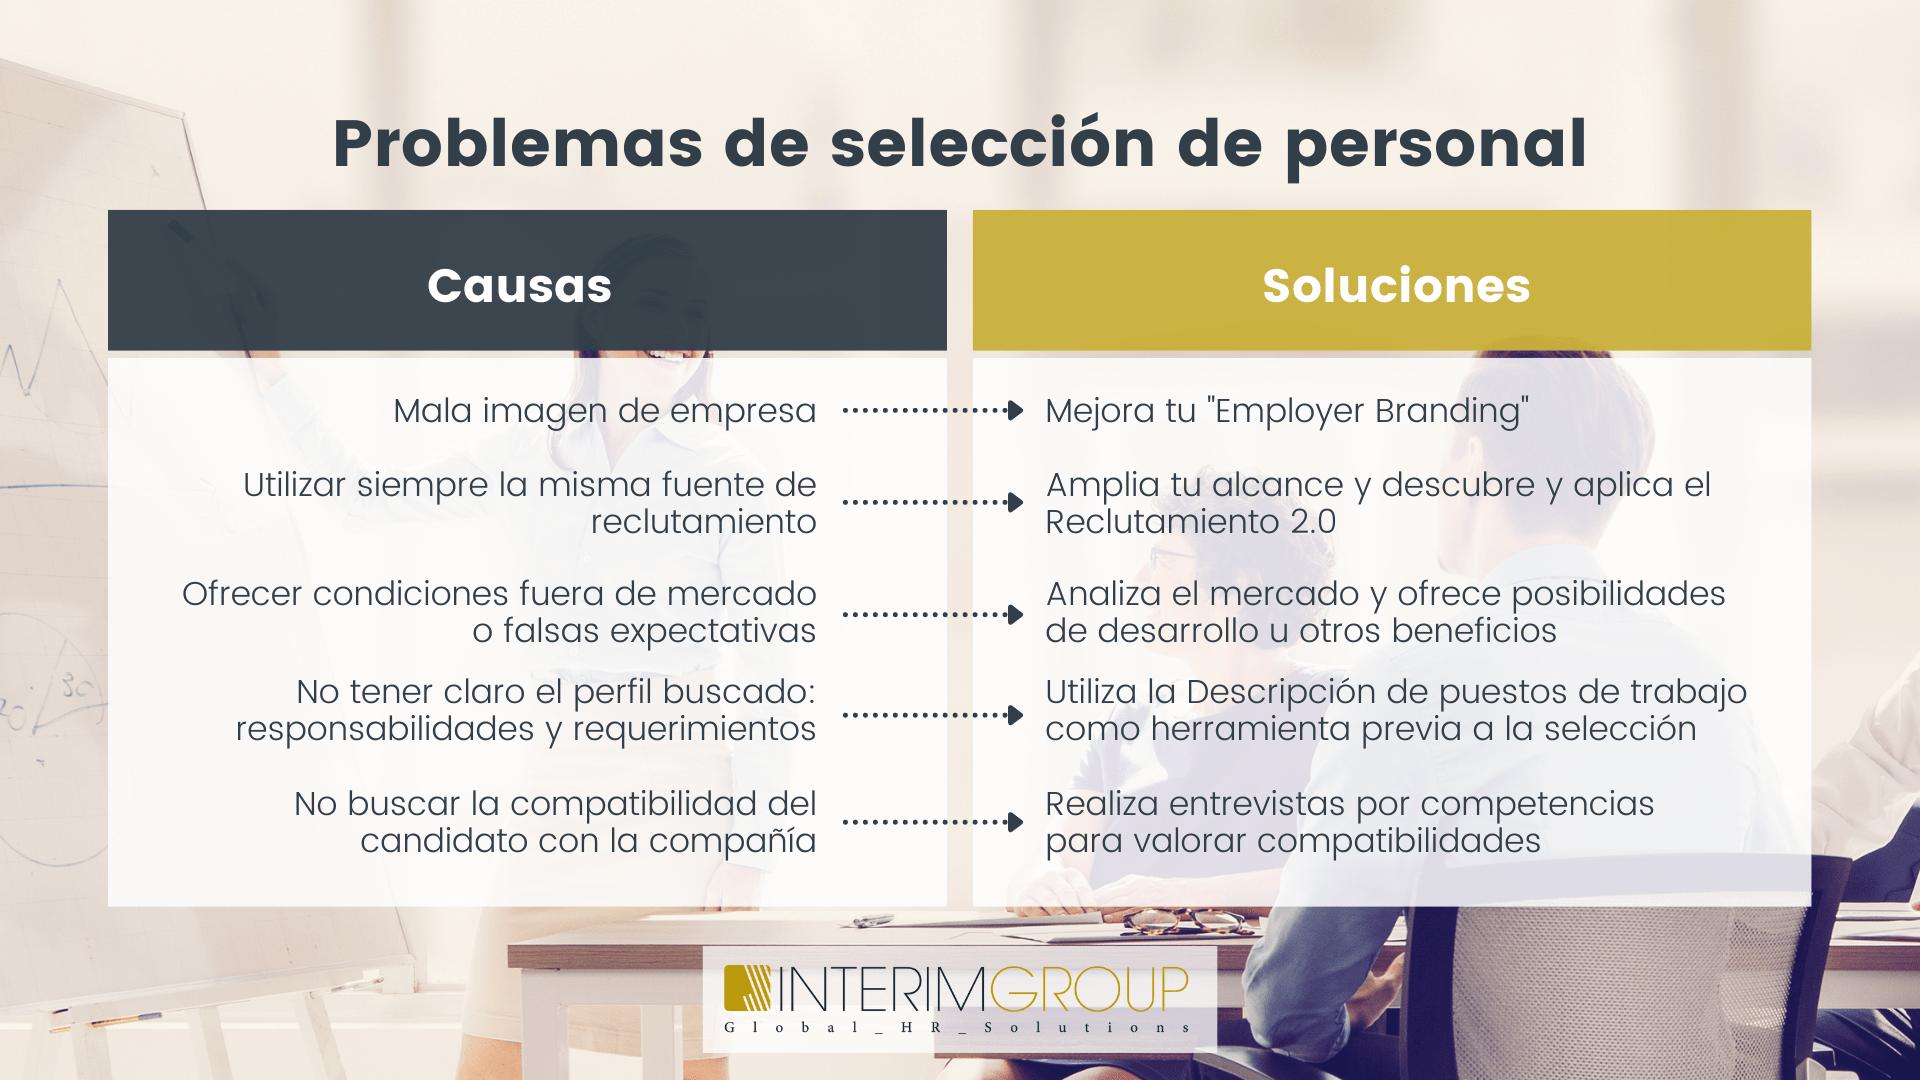 problemas-seleccion-personal_causas-soluciones_INTERIM-GROUP